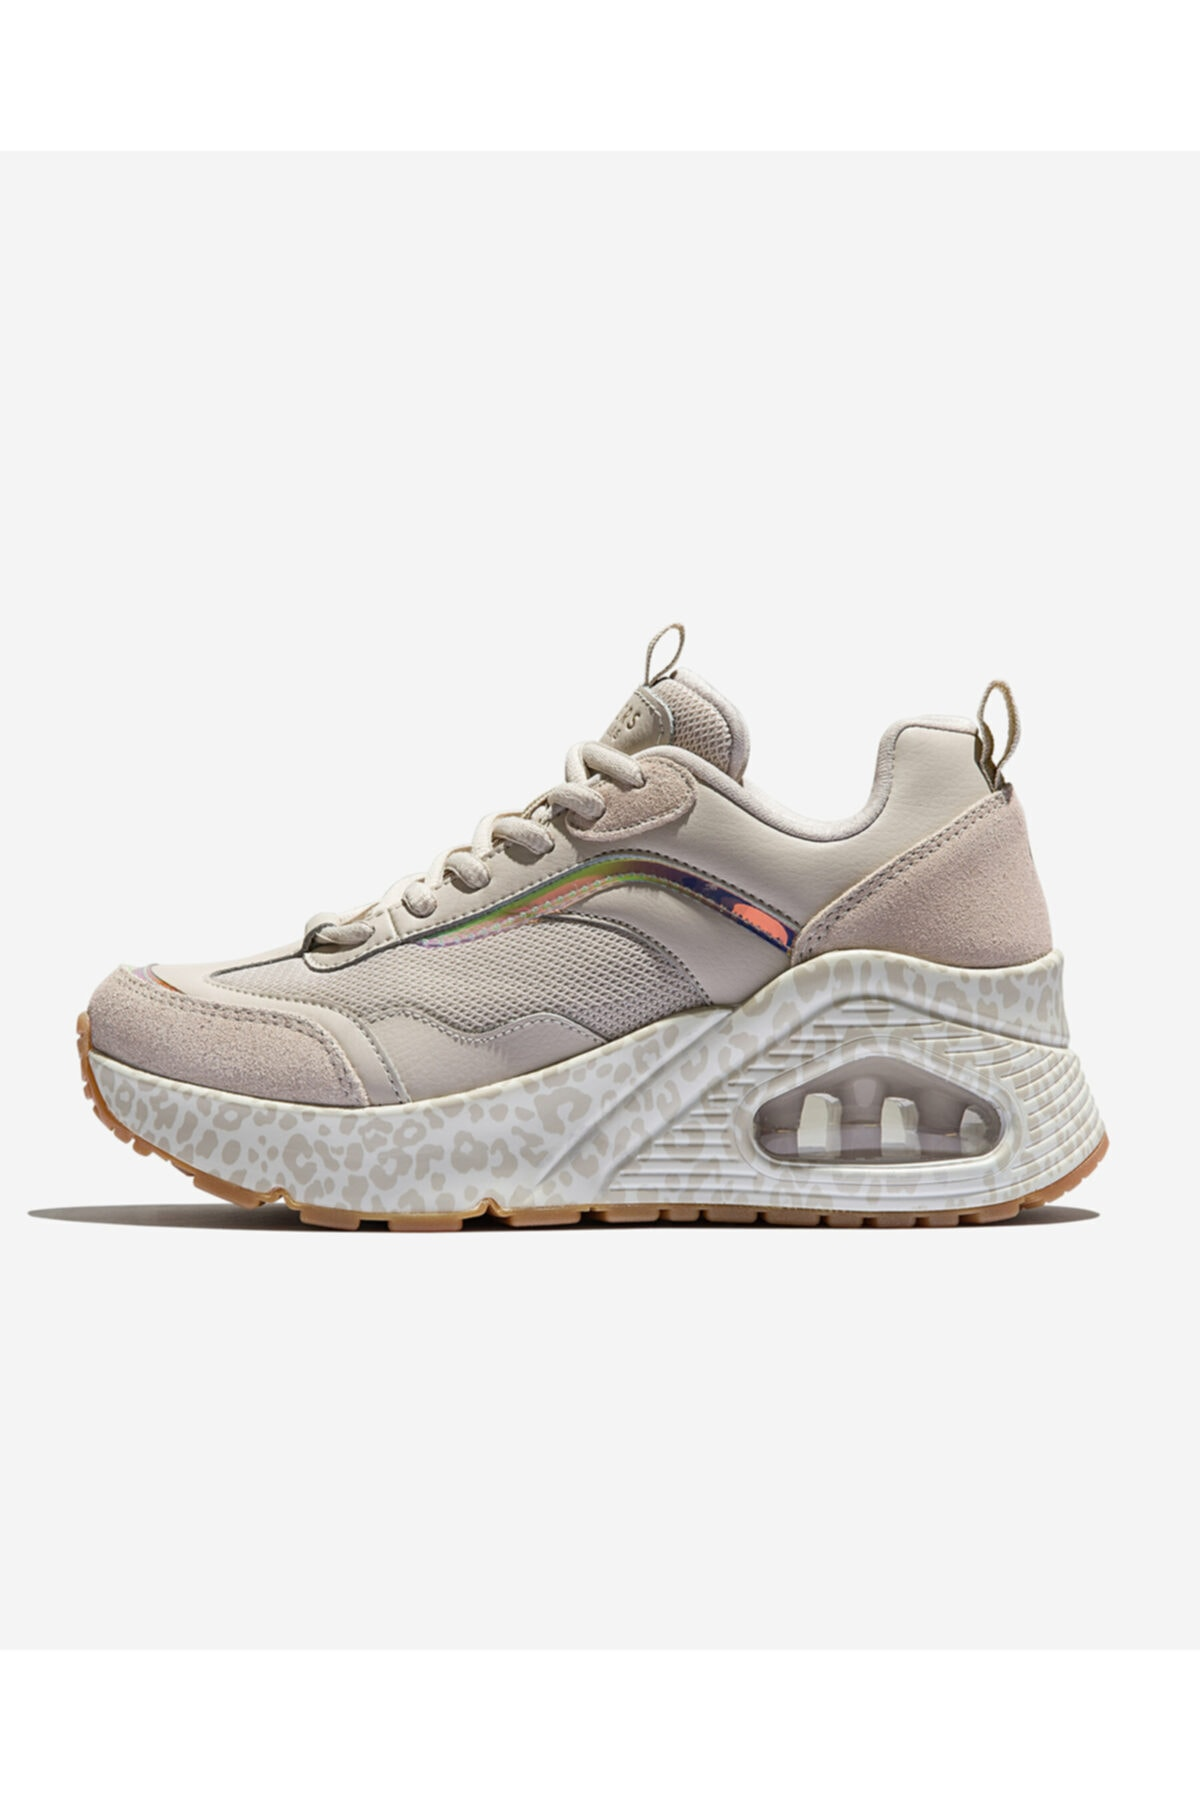 SKECHERS UNO HI INCATNITO Kadın Beyaz Spor Ayakkabı 1